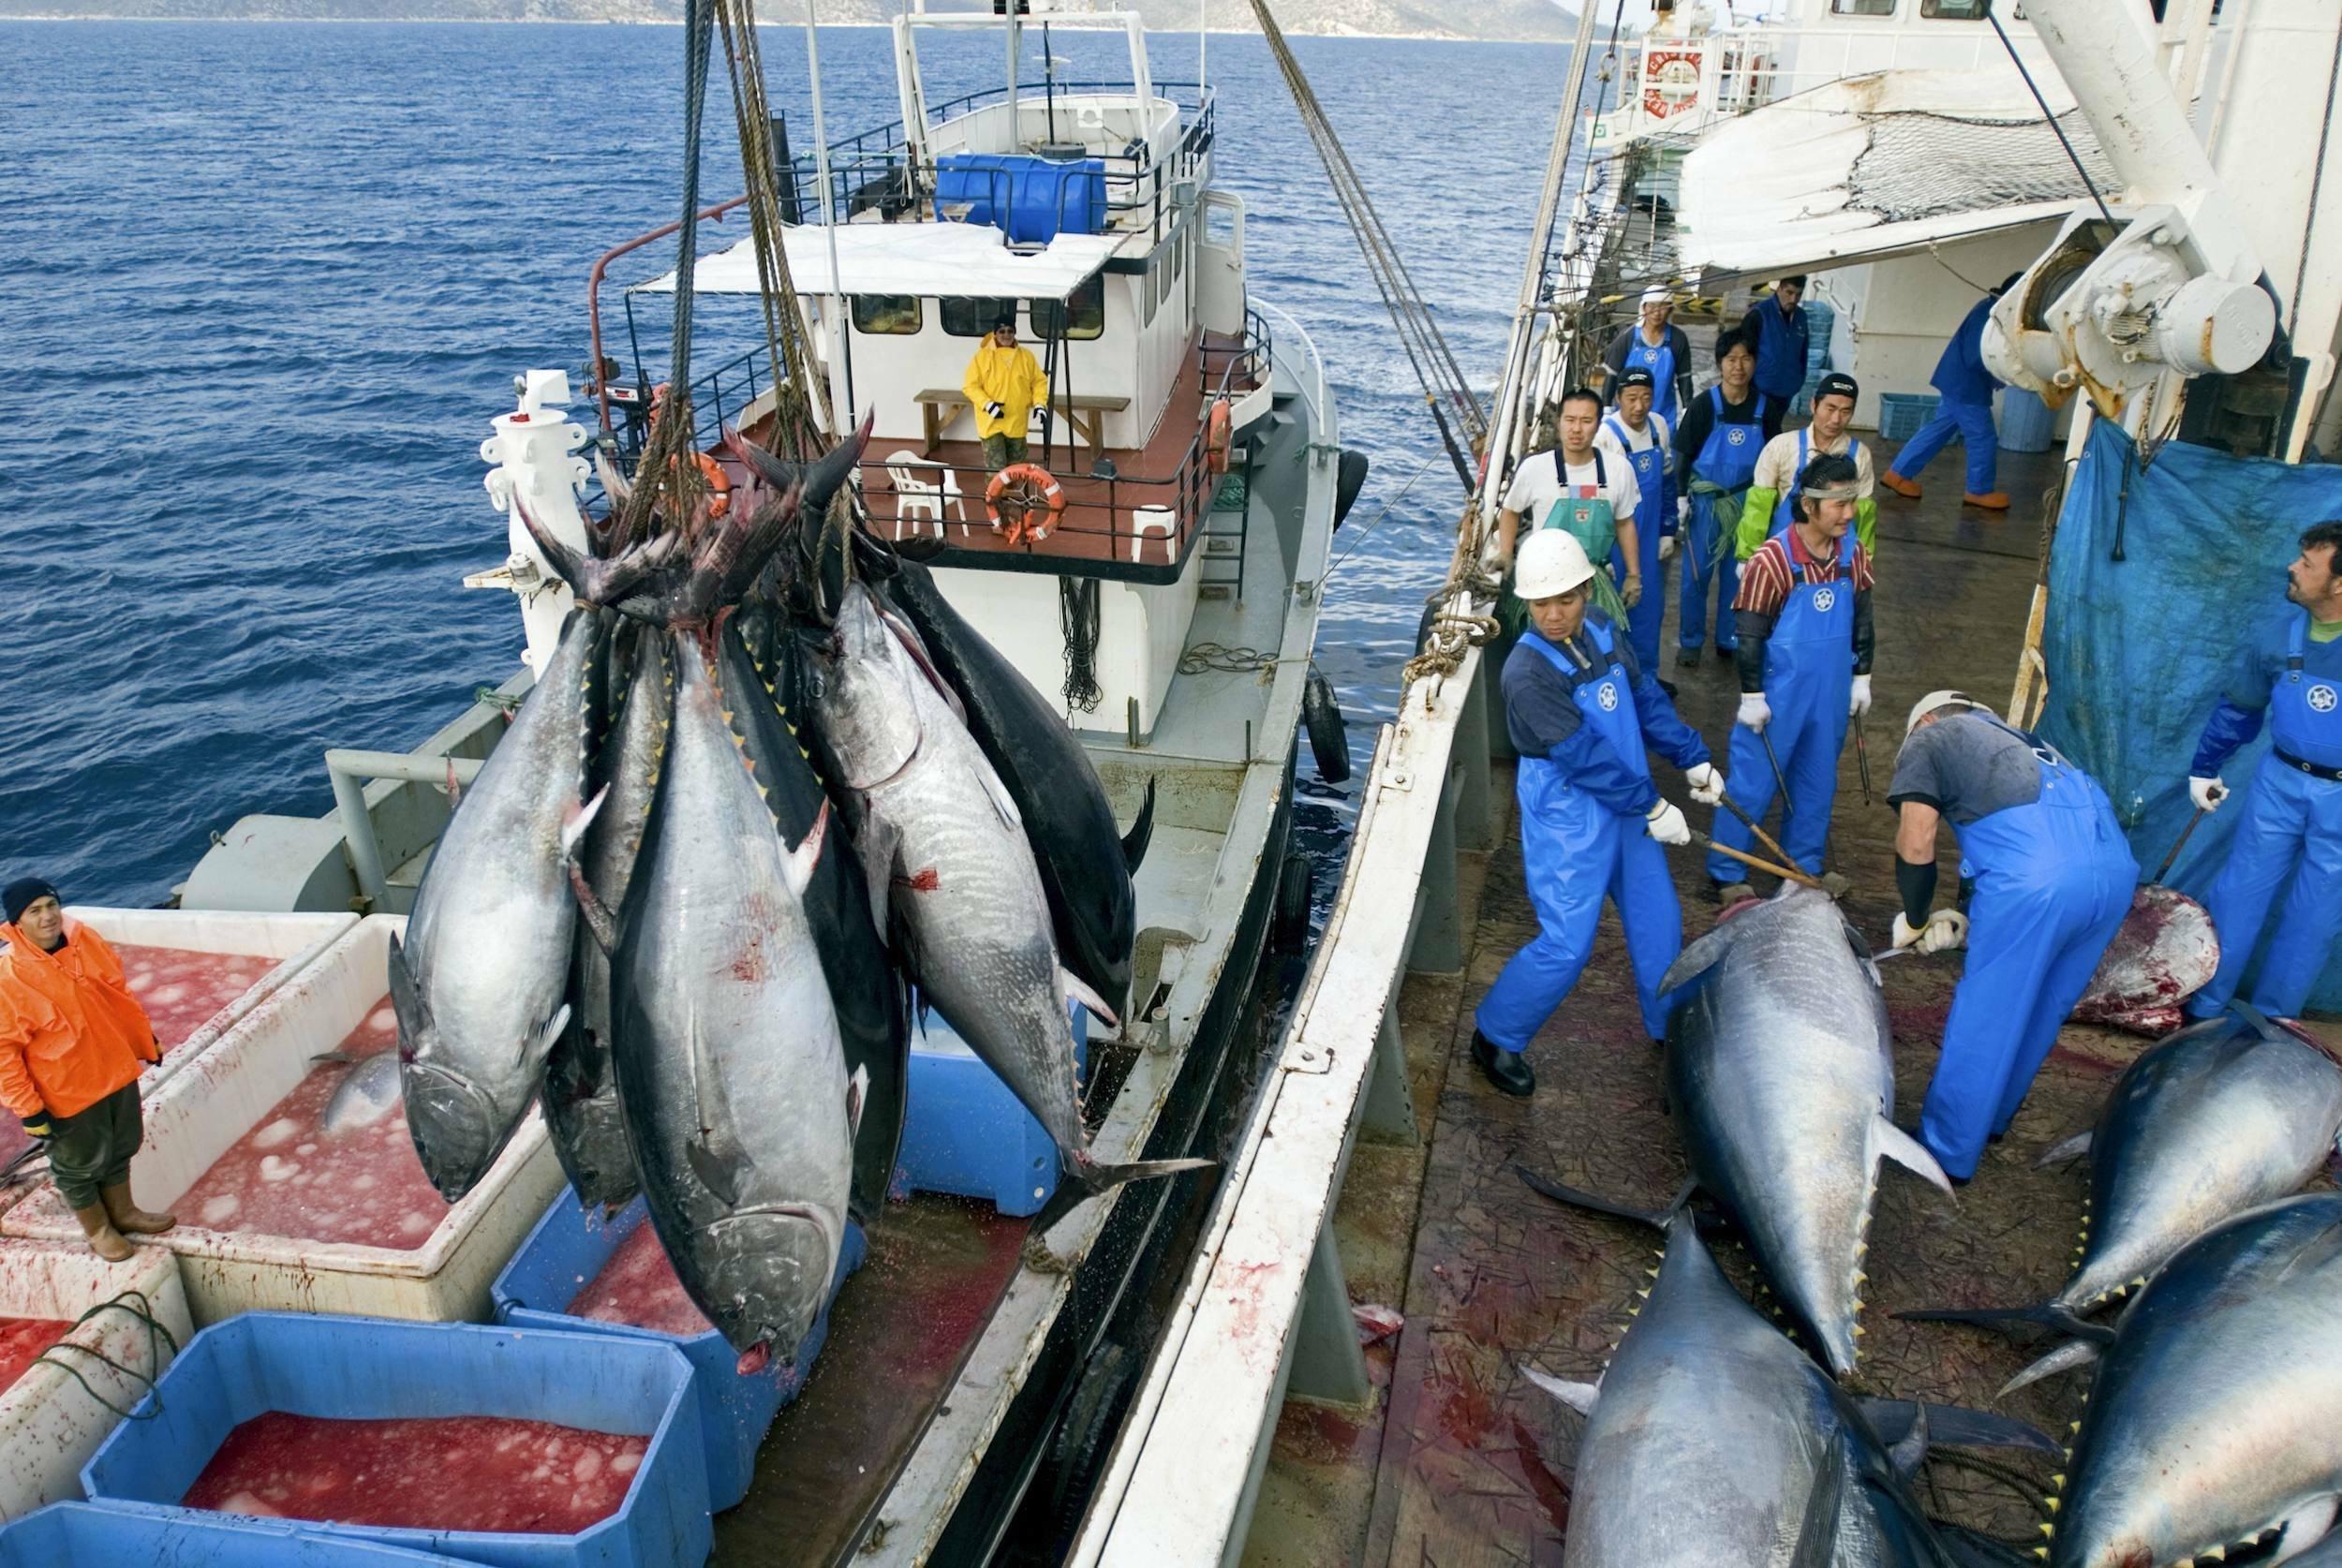 Das Bild zeigt, wie Fischer metergroße Thunfische aus dem Mittelmeer an Bord holen, wo sie zerlegt werden.